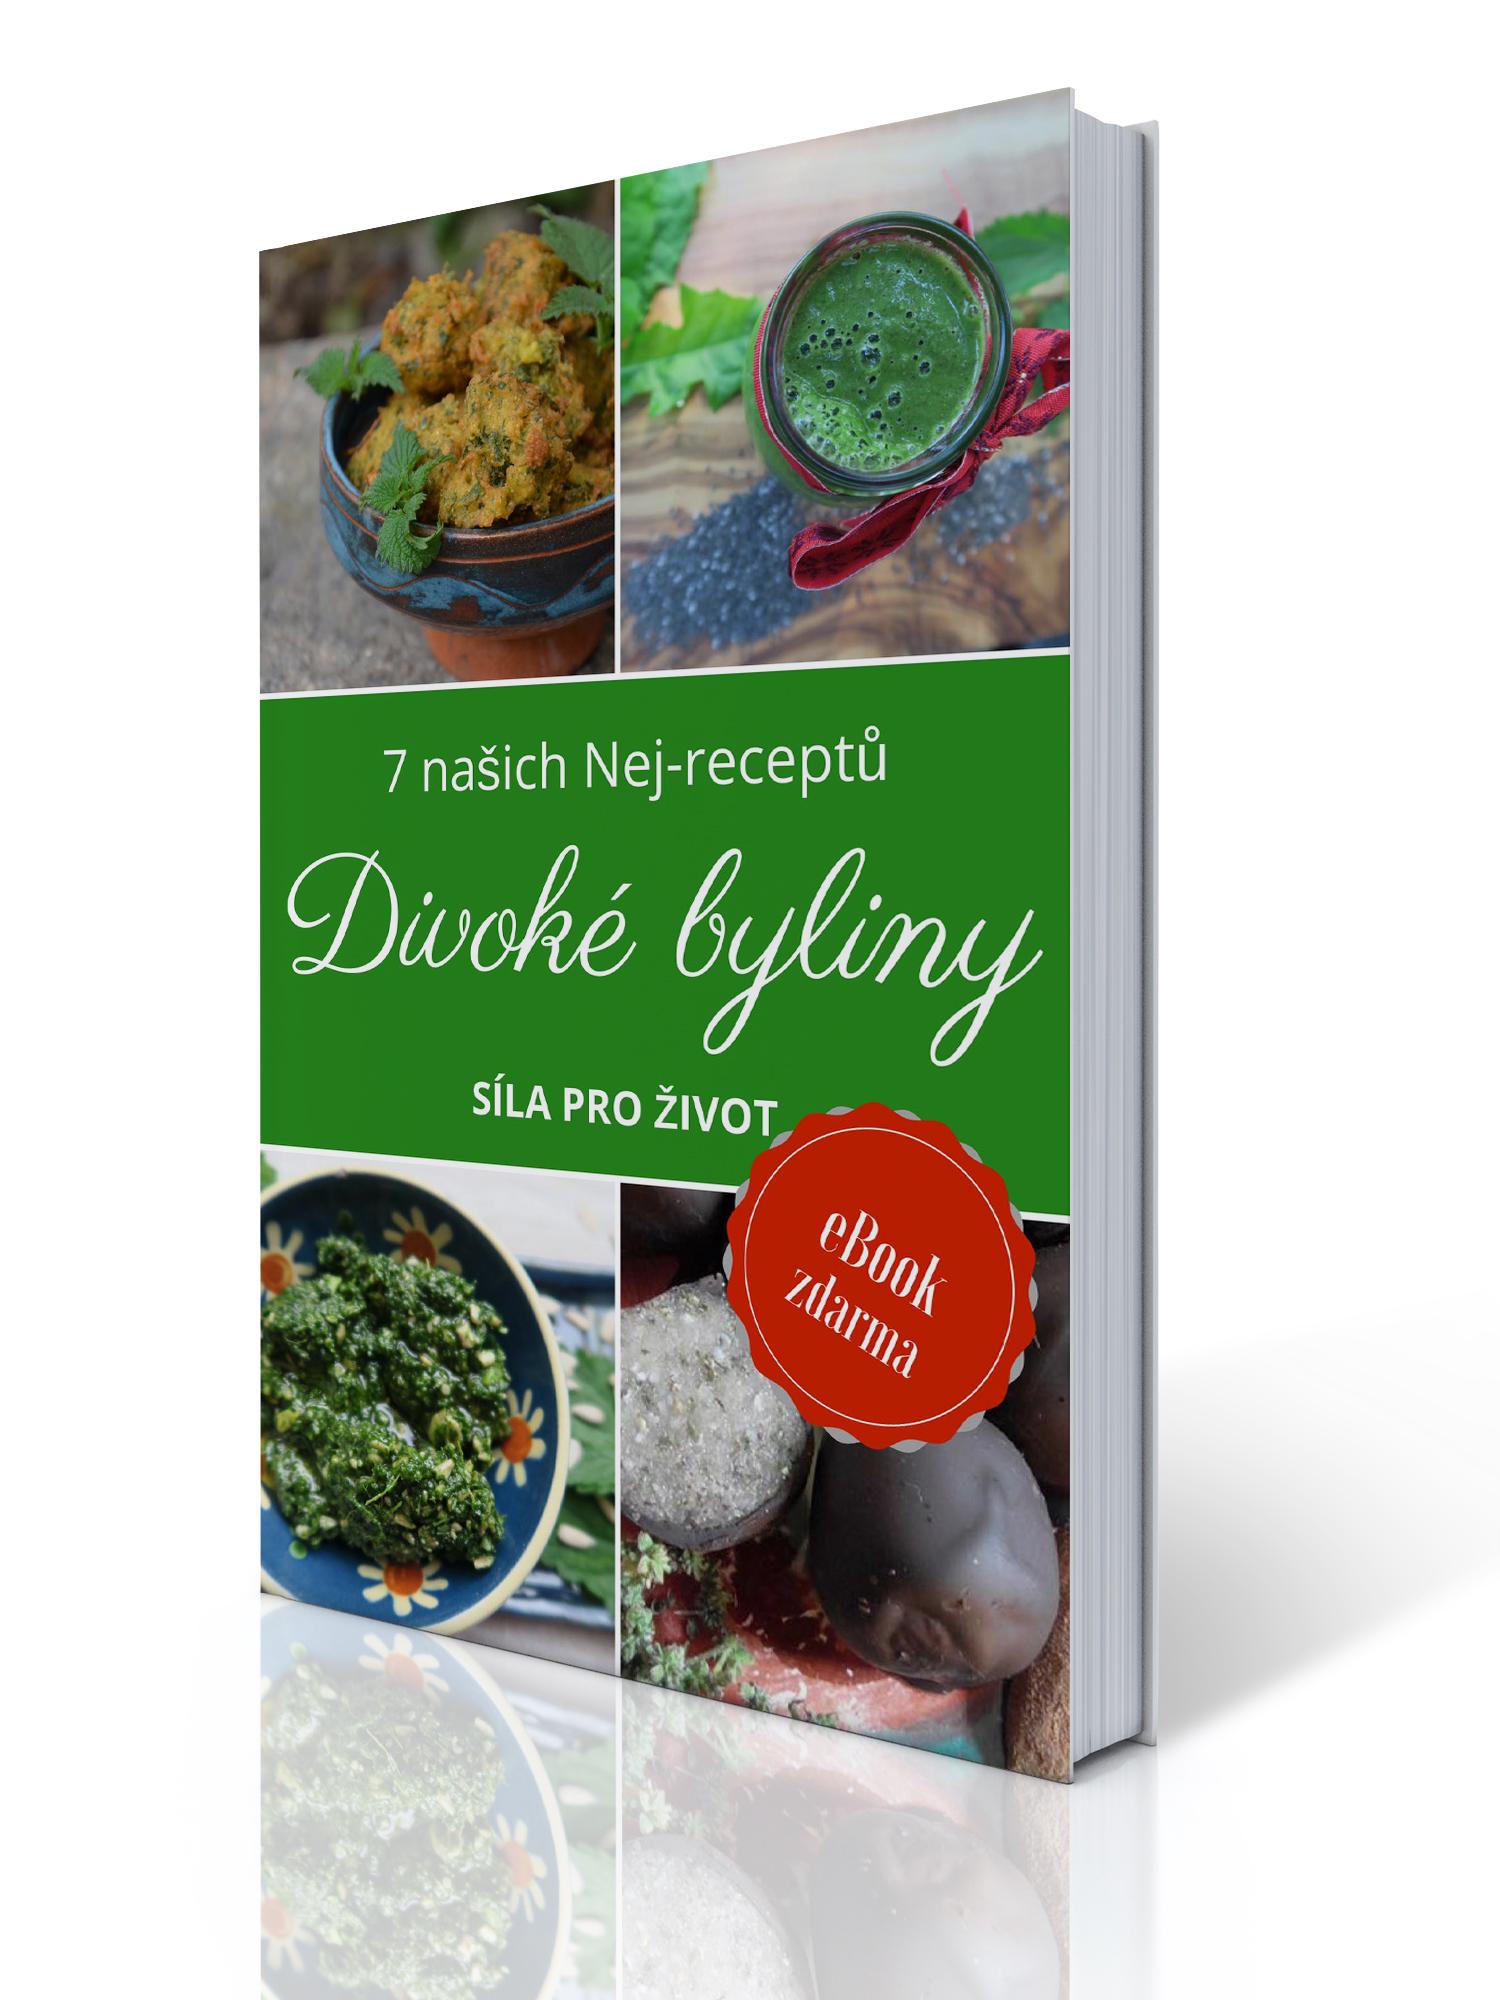 Divoké byliny – 7 našich Nej-receptů